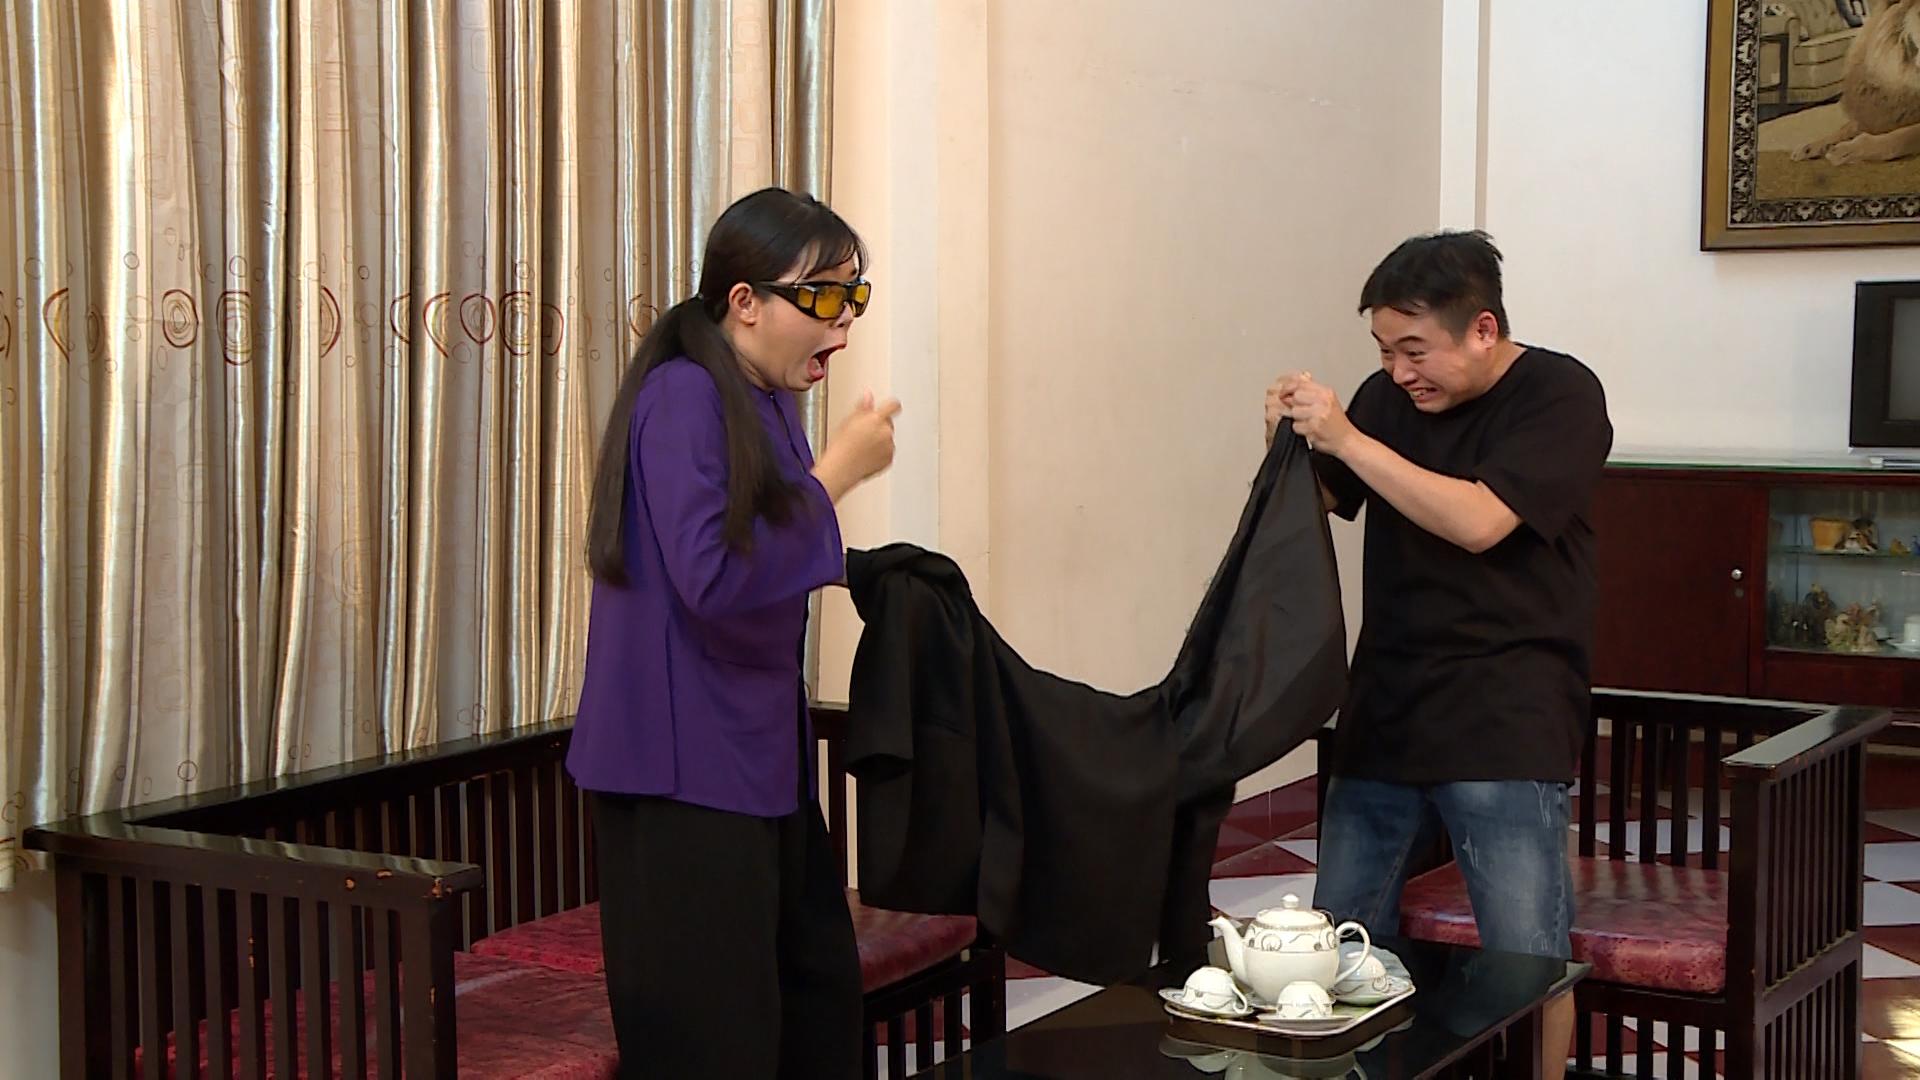 Hình ảnh Hữu Tín và Gia Linh mếu máo khi chiếc áo bị rách